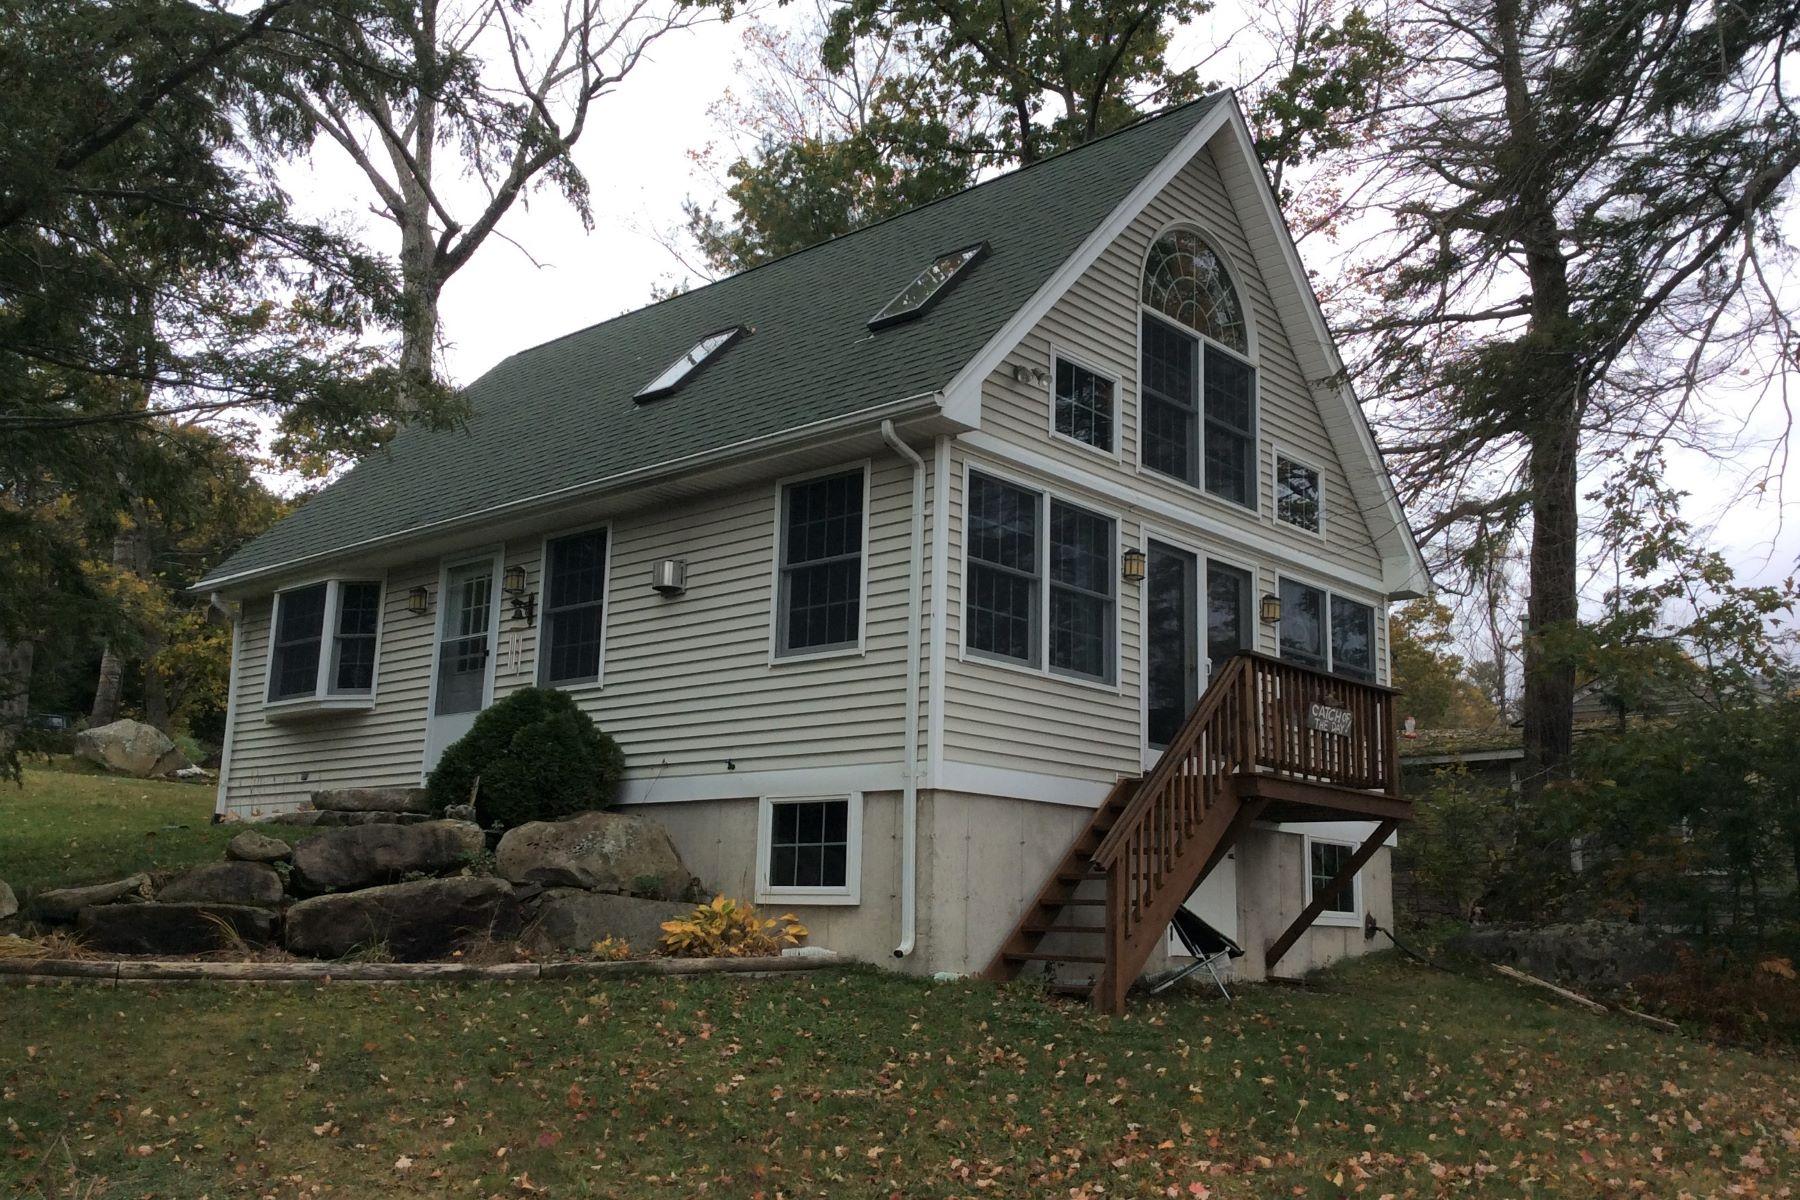 단독 가정 주택 용 매매 에 Tyler Lake Waterfront 42 Cottage Grove Road, Goshen, 코네티컷, 06756 미국